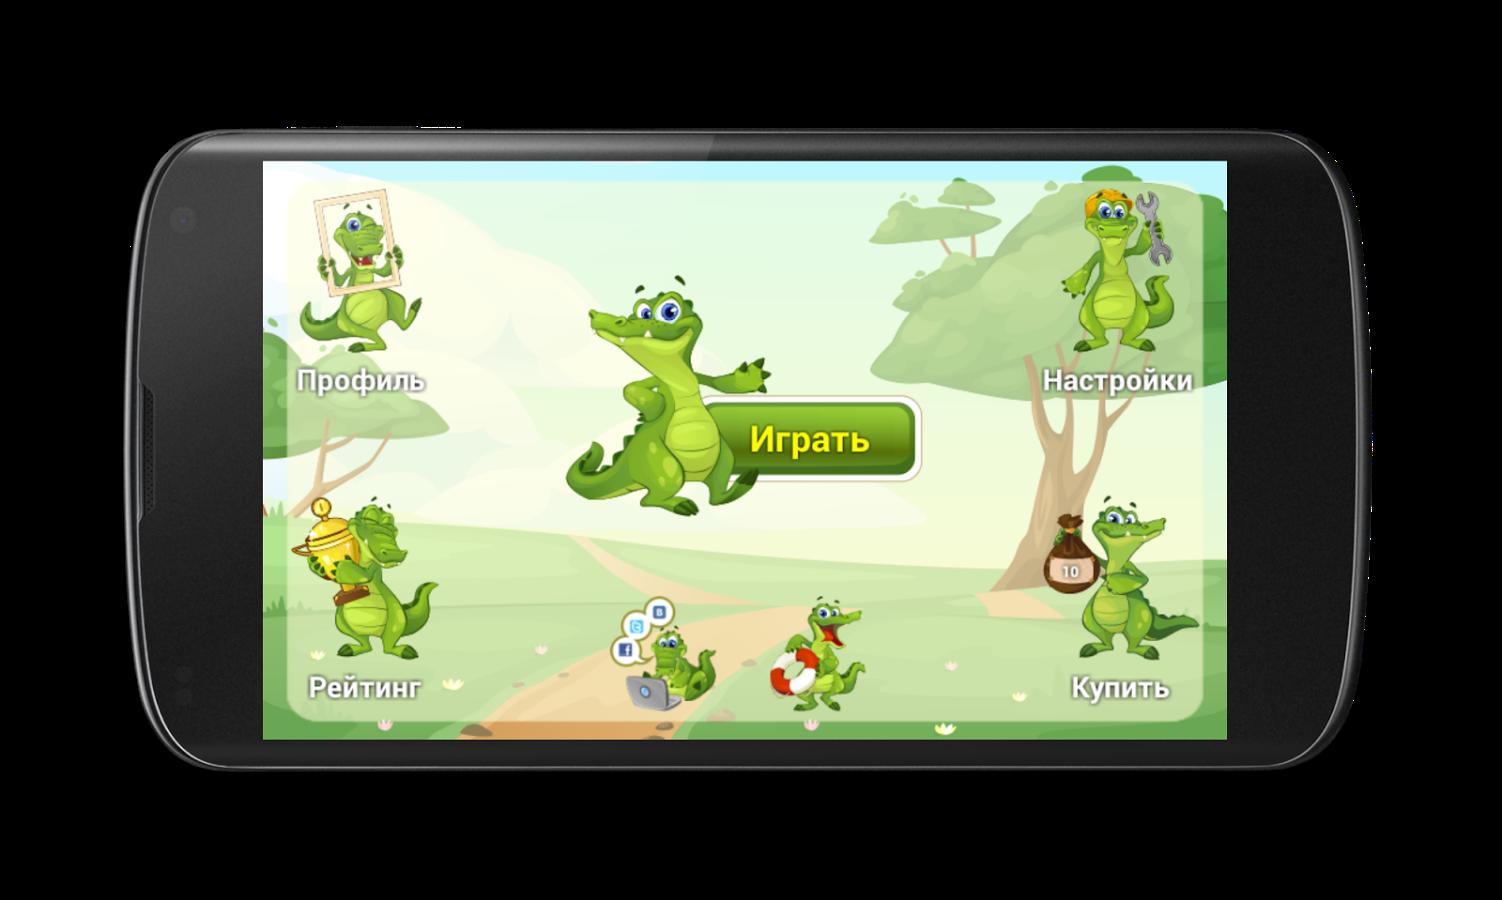 игры для китайского телефона айфона 6 с